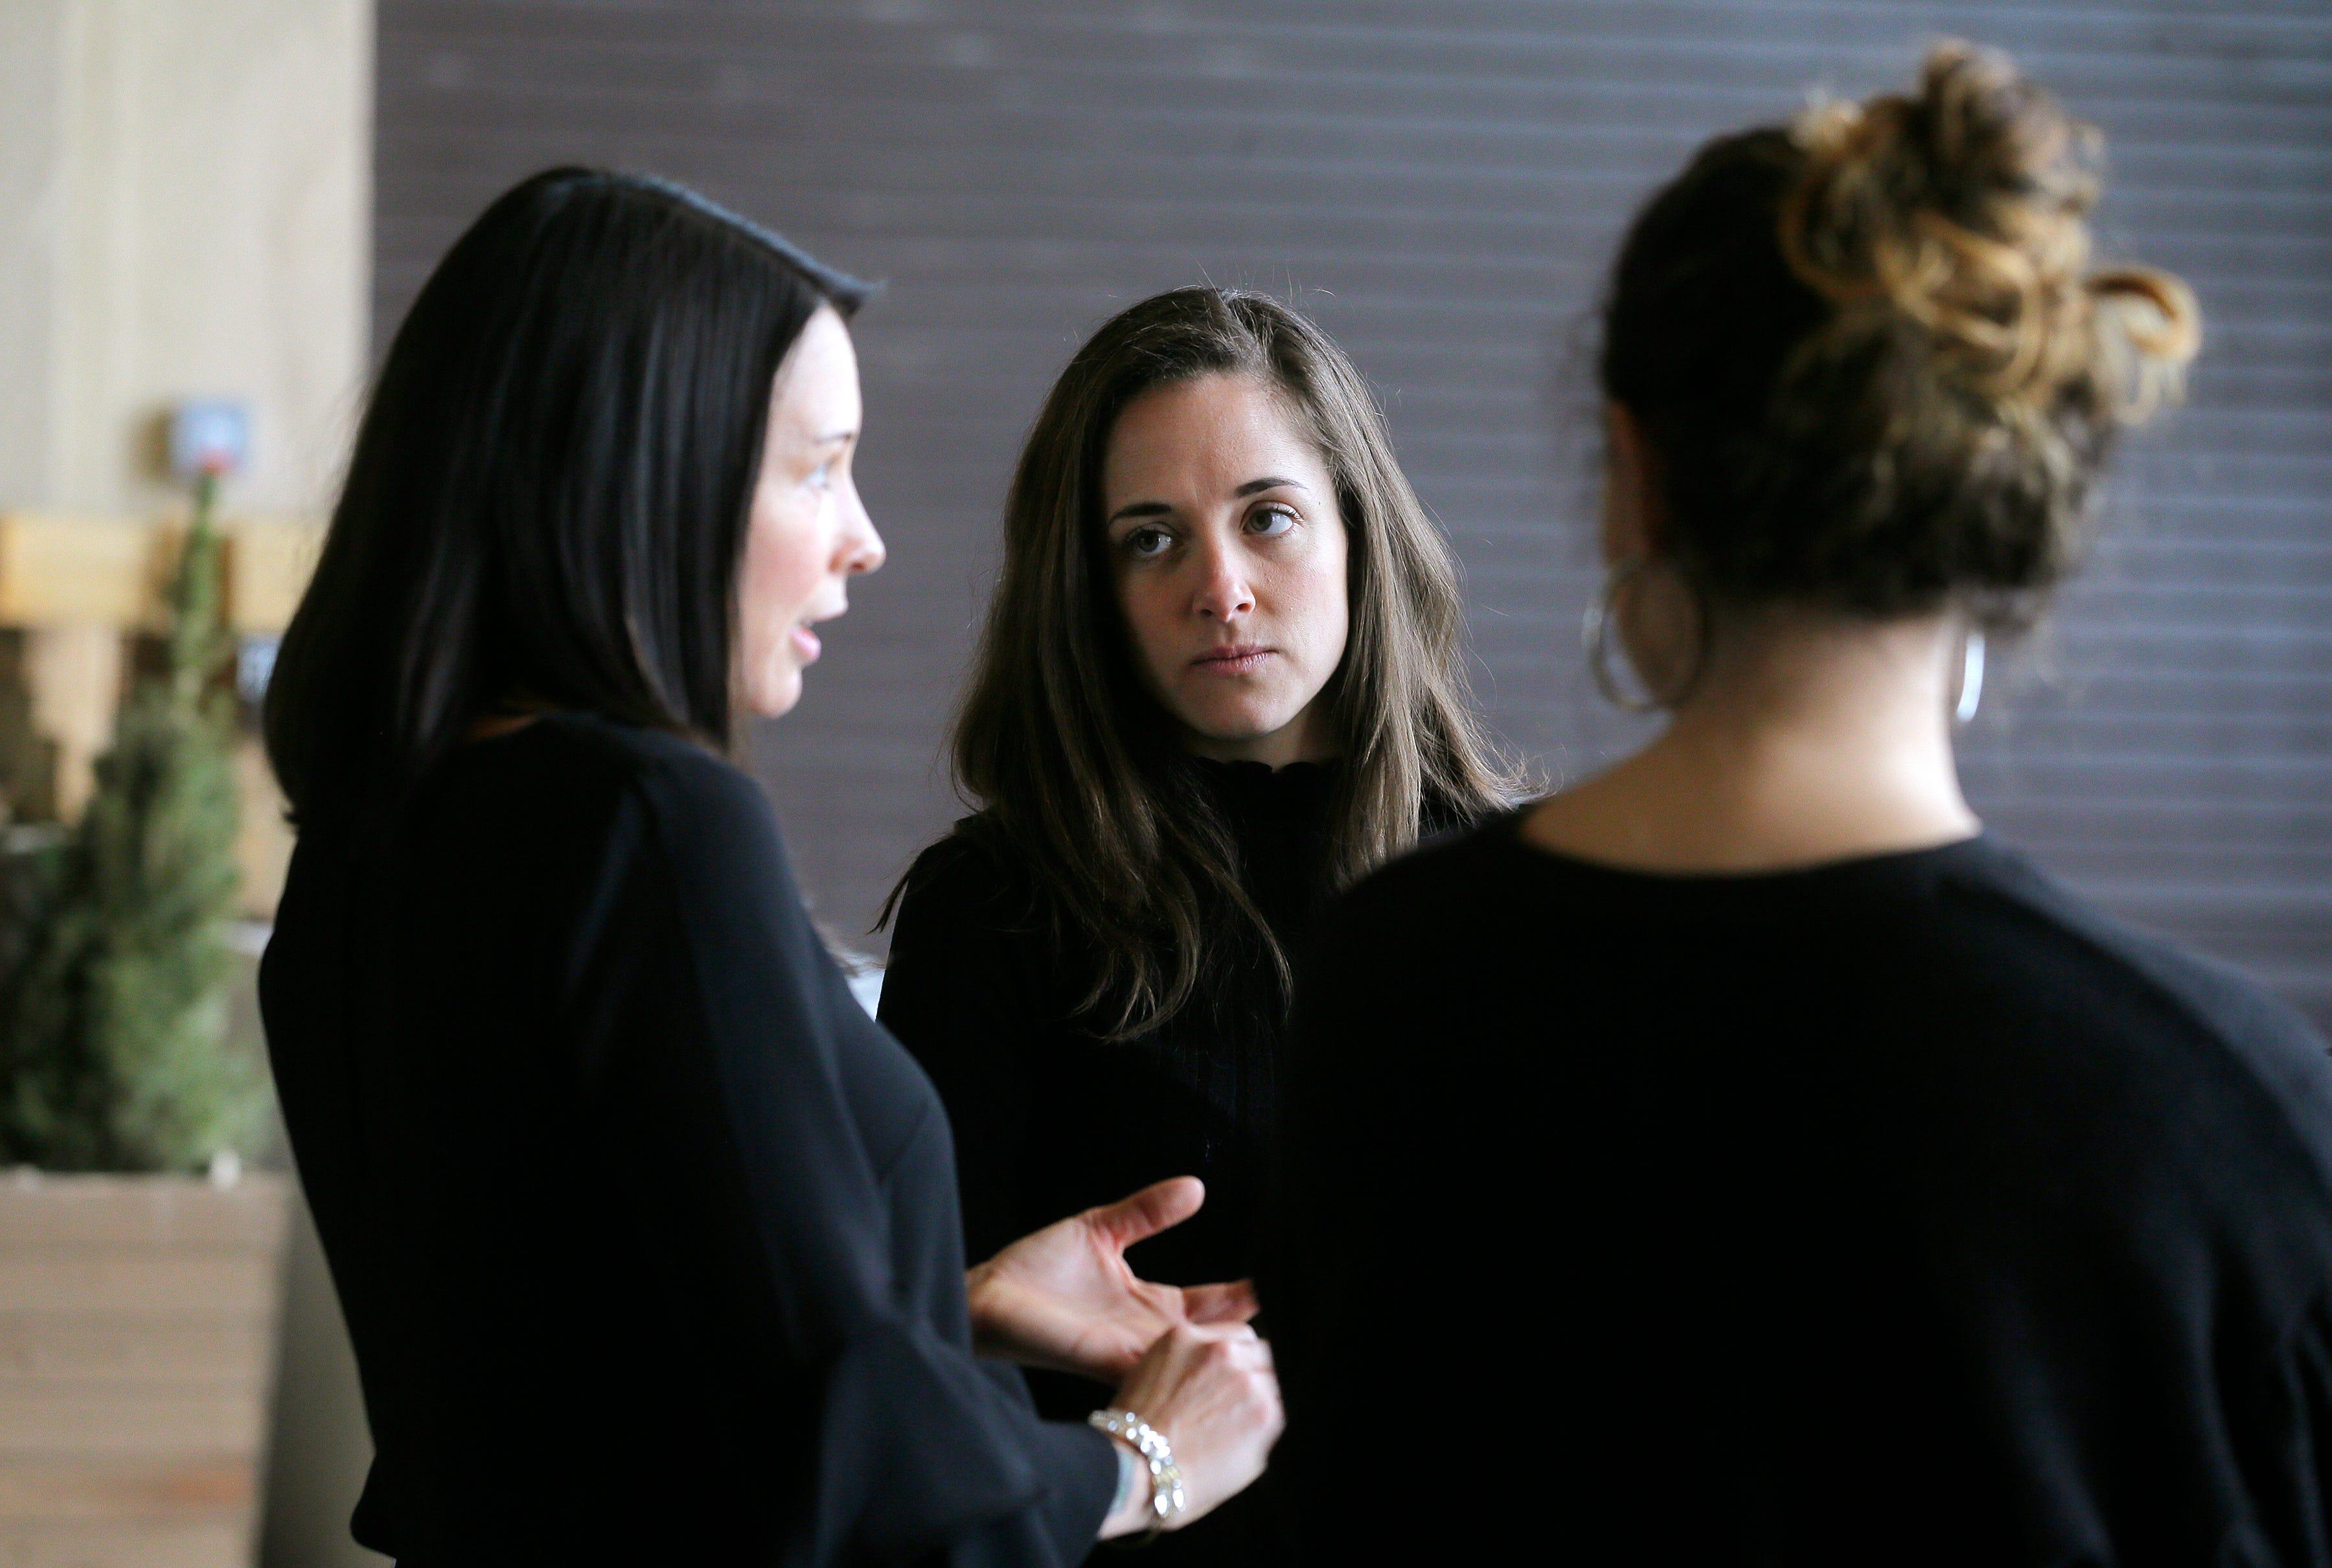 Naive call girl is seduced lesbian executive girlsway